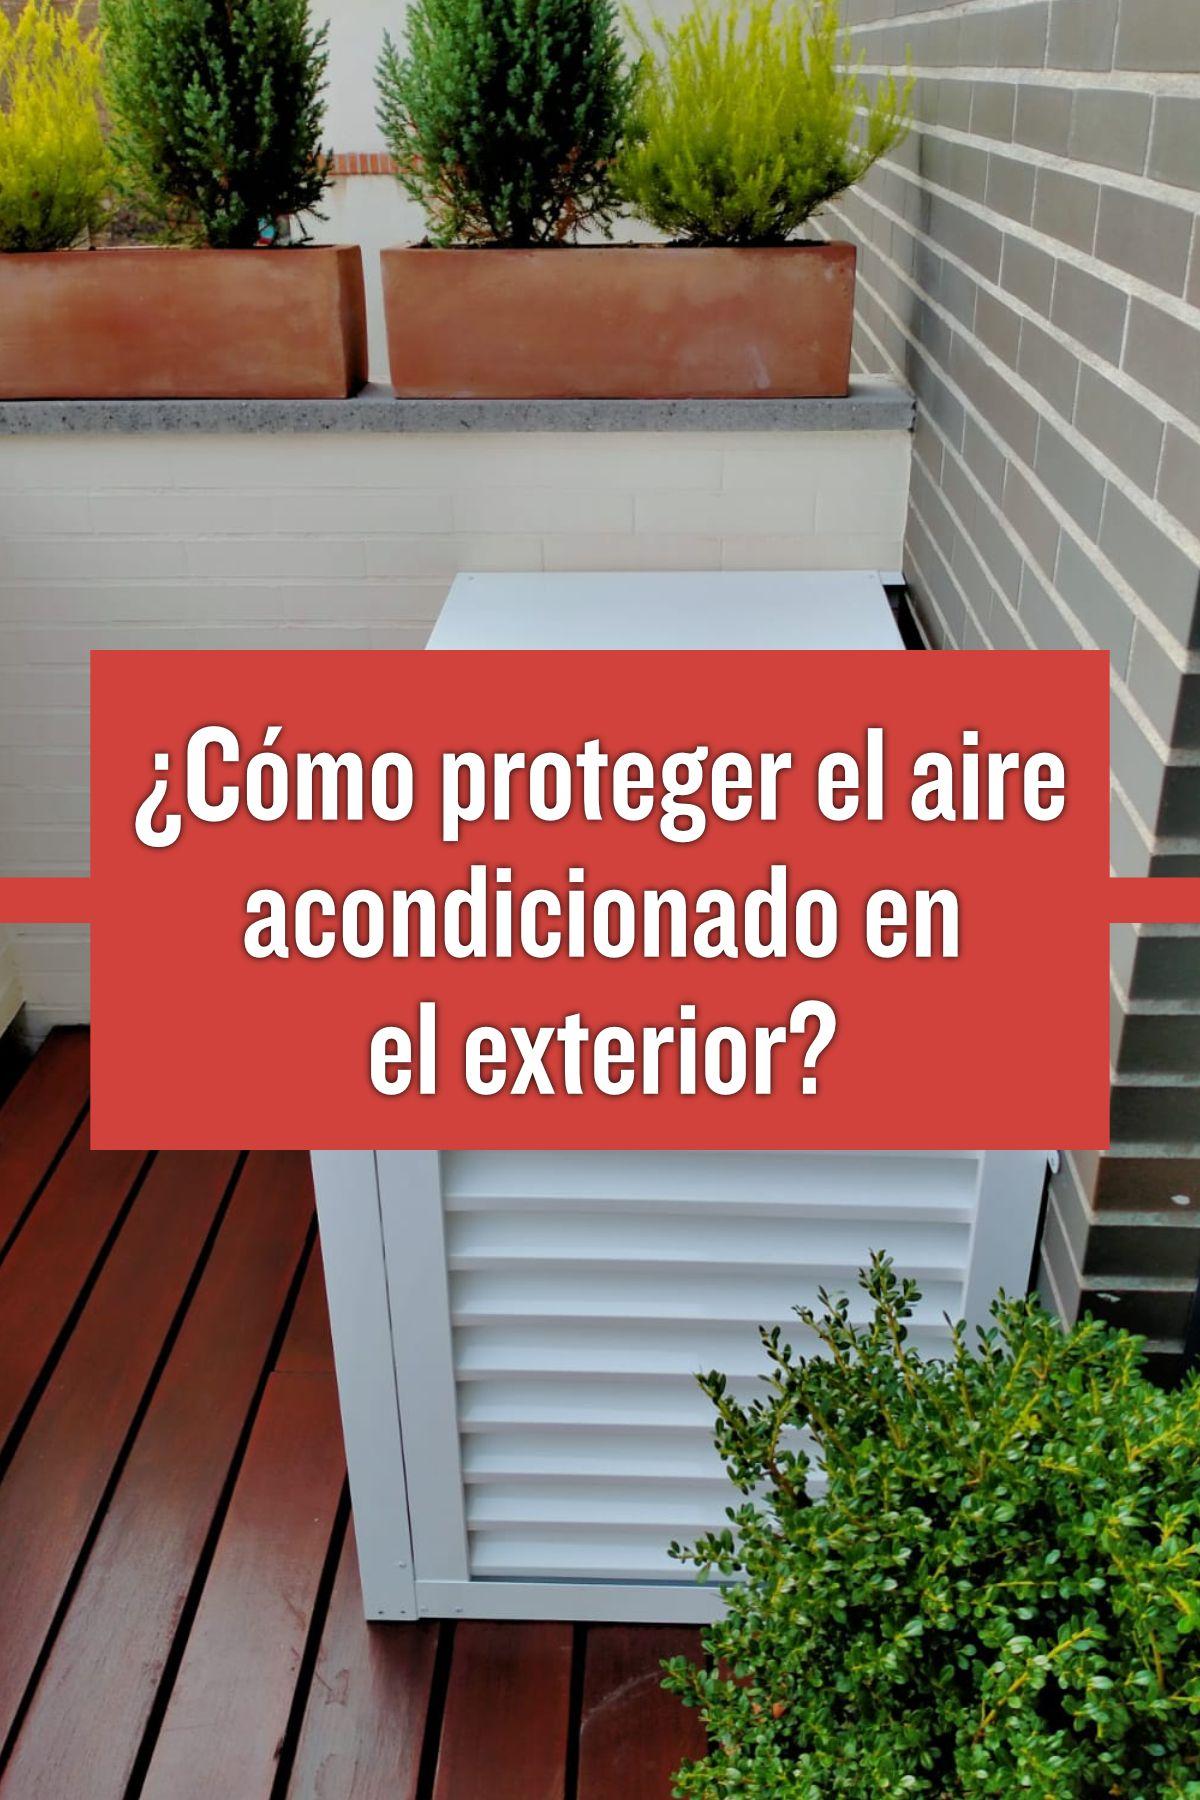 Cómo Proteger El Aire Acondicionado En El Exterior Aire Acondicionado Exterior Te Protegeré